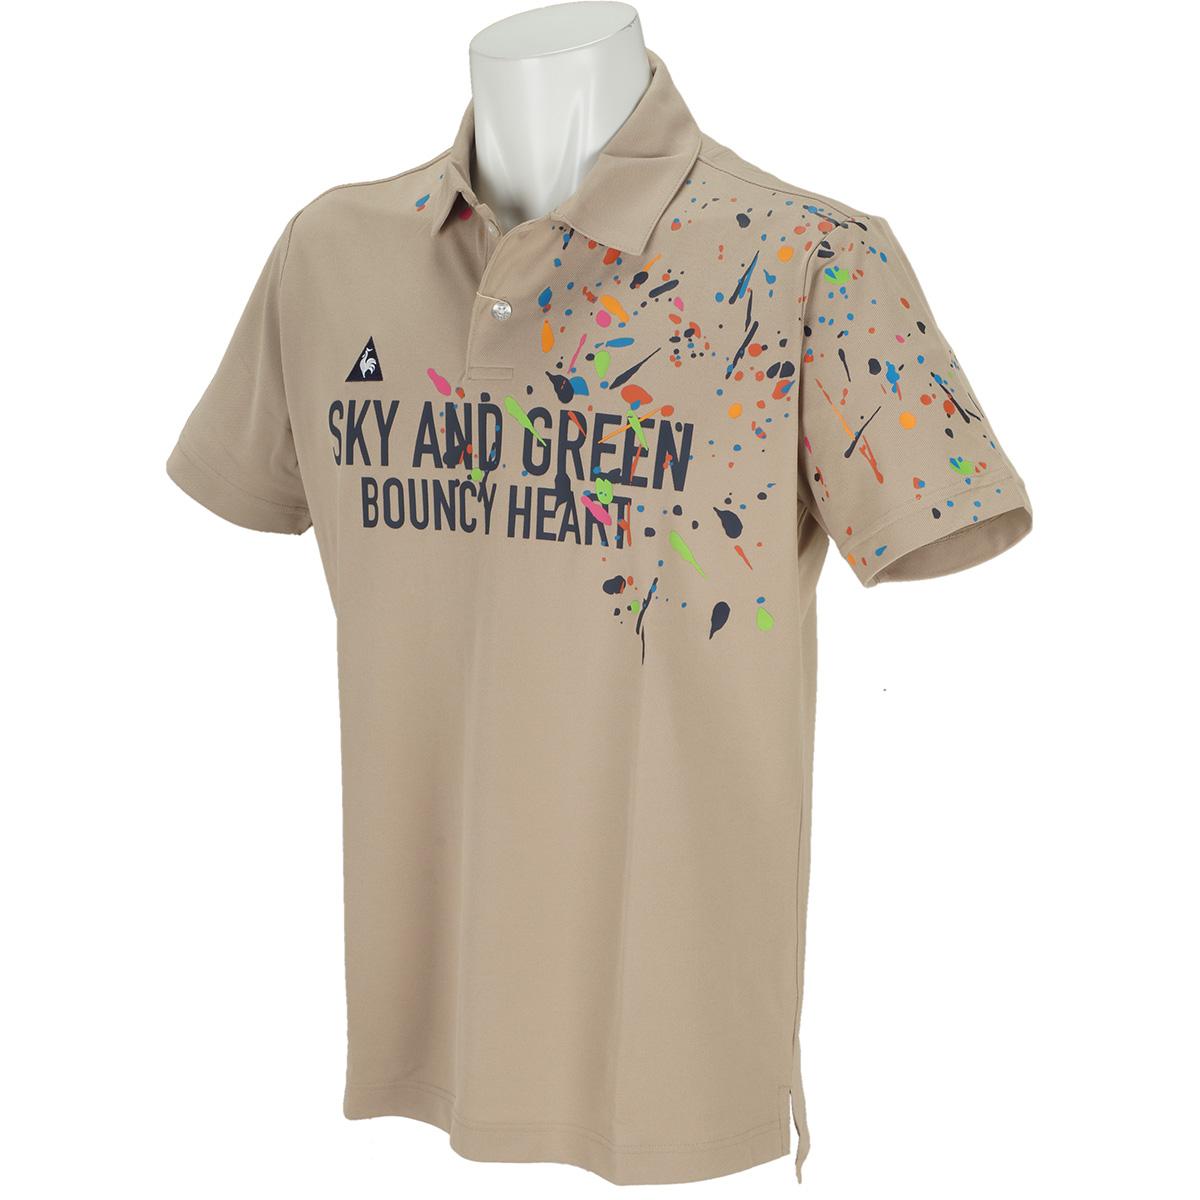 クーリストスプラッシュパネルプリント半袖ポロシャツ